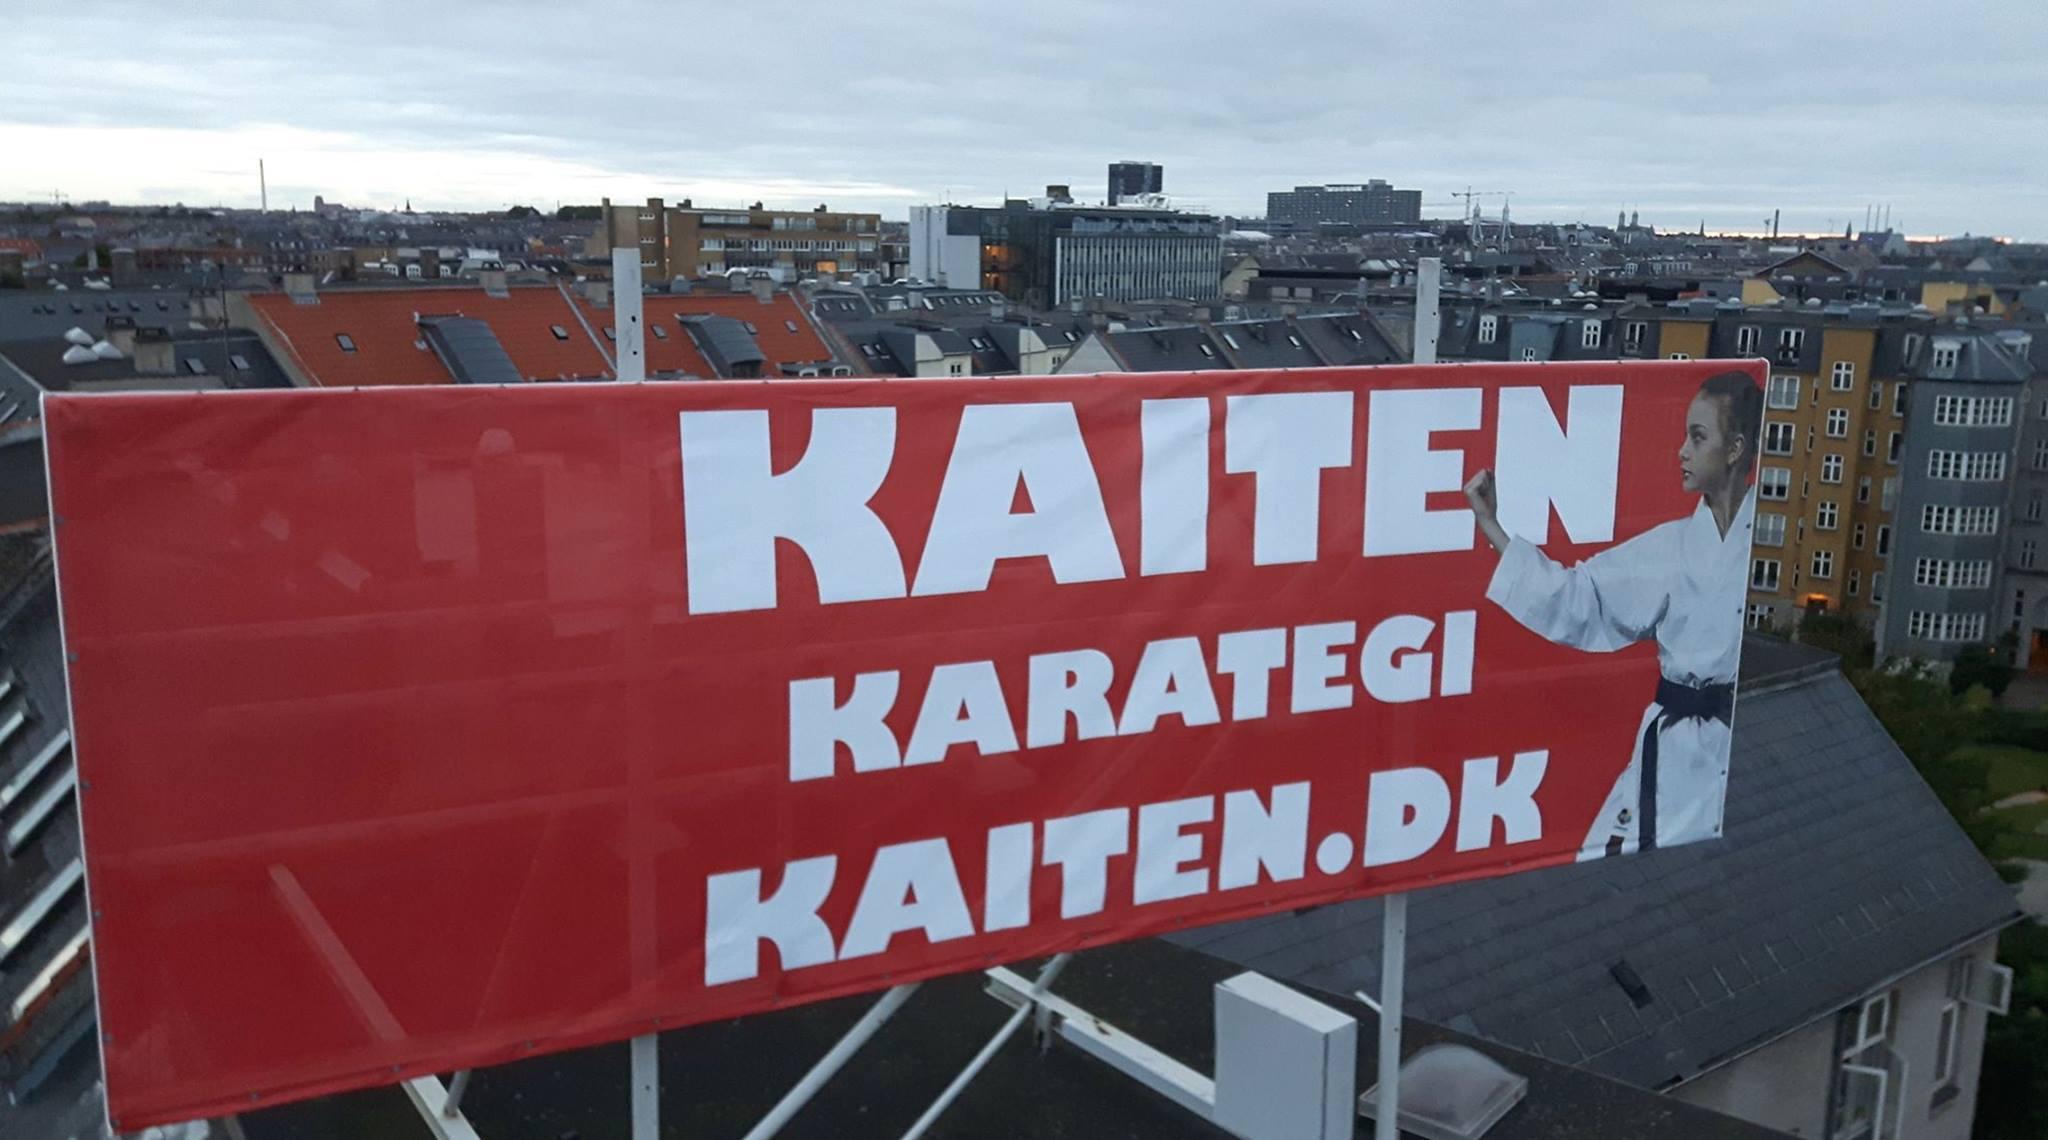 Kaiten ny hovedsponsor for det svenske karate forbund